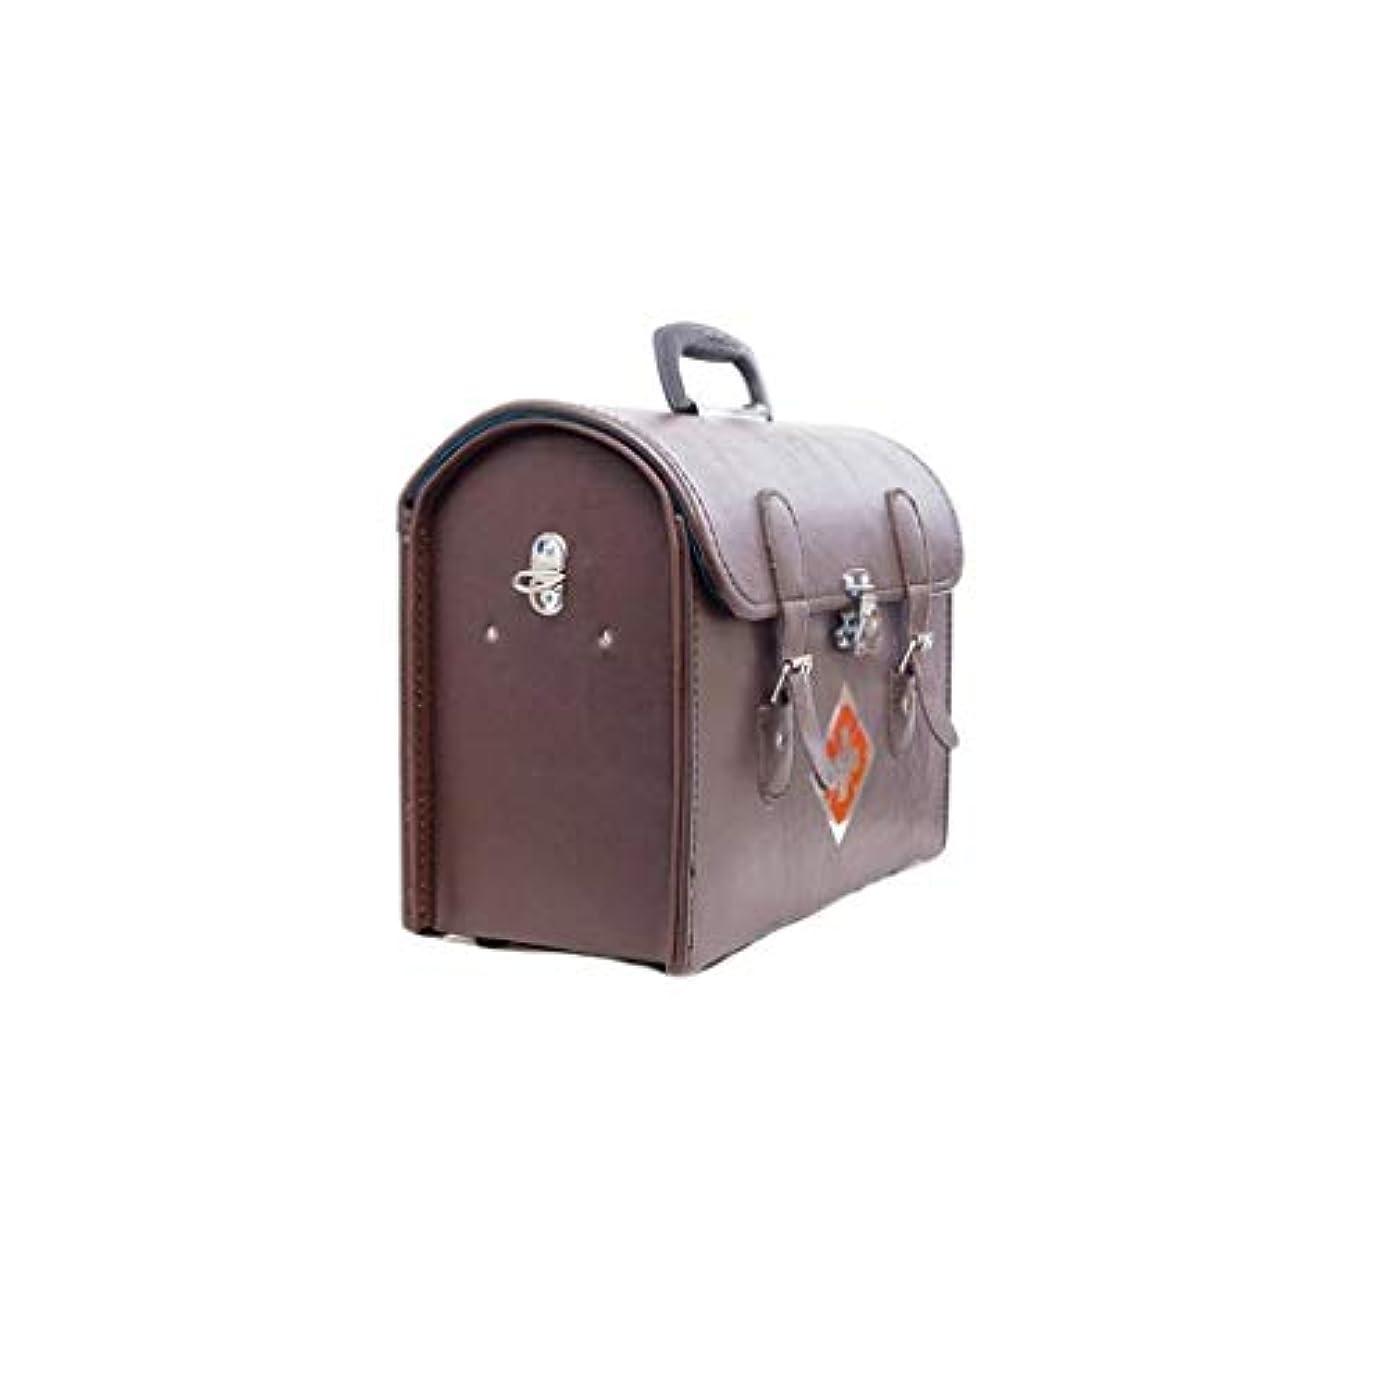 環境に優しい可愛いマーチャンダイザー革薬箱家庭薬収納ボックス多機能救急箱医療肥厚外来パッケージ AMINIY (Size : 38×18×31cm)